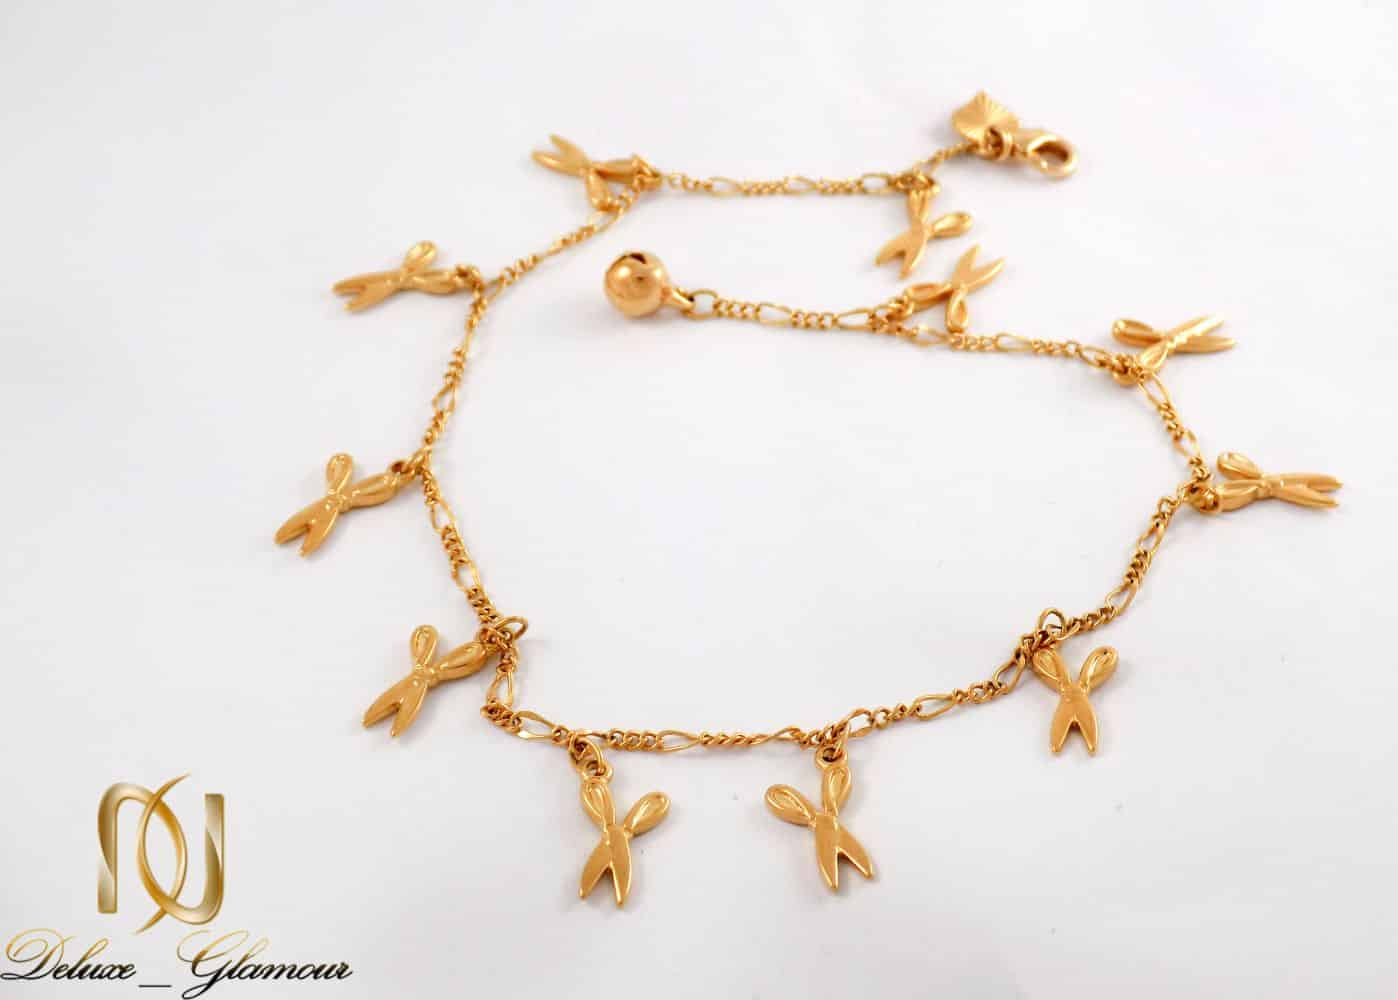 پابند زنانه ژوپینگ با طرح قیچی و روکش آب طلای 18 عیار se-n112 از نمای نزدیک